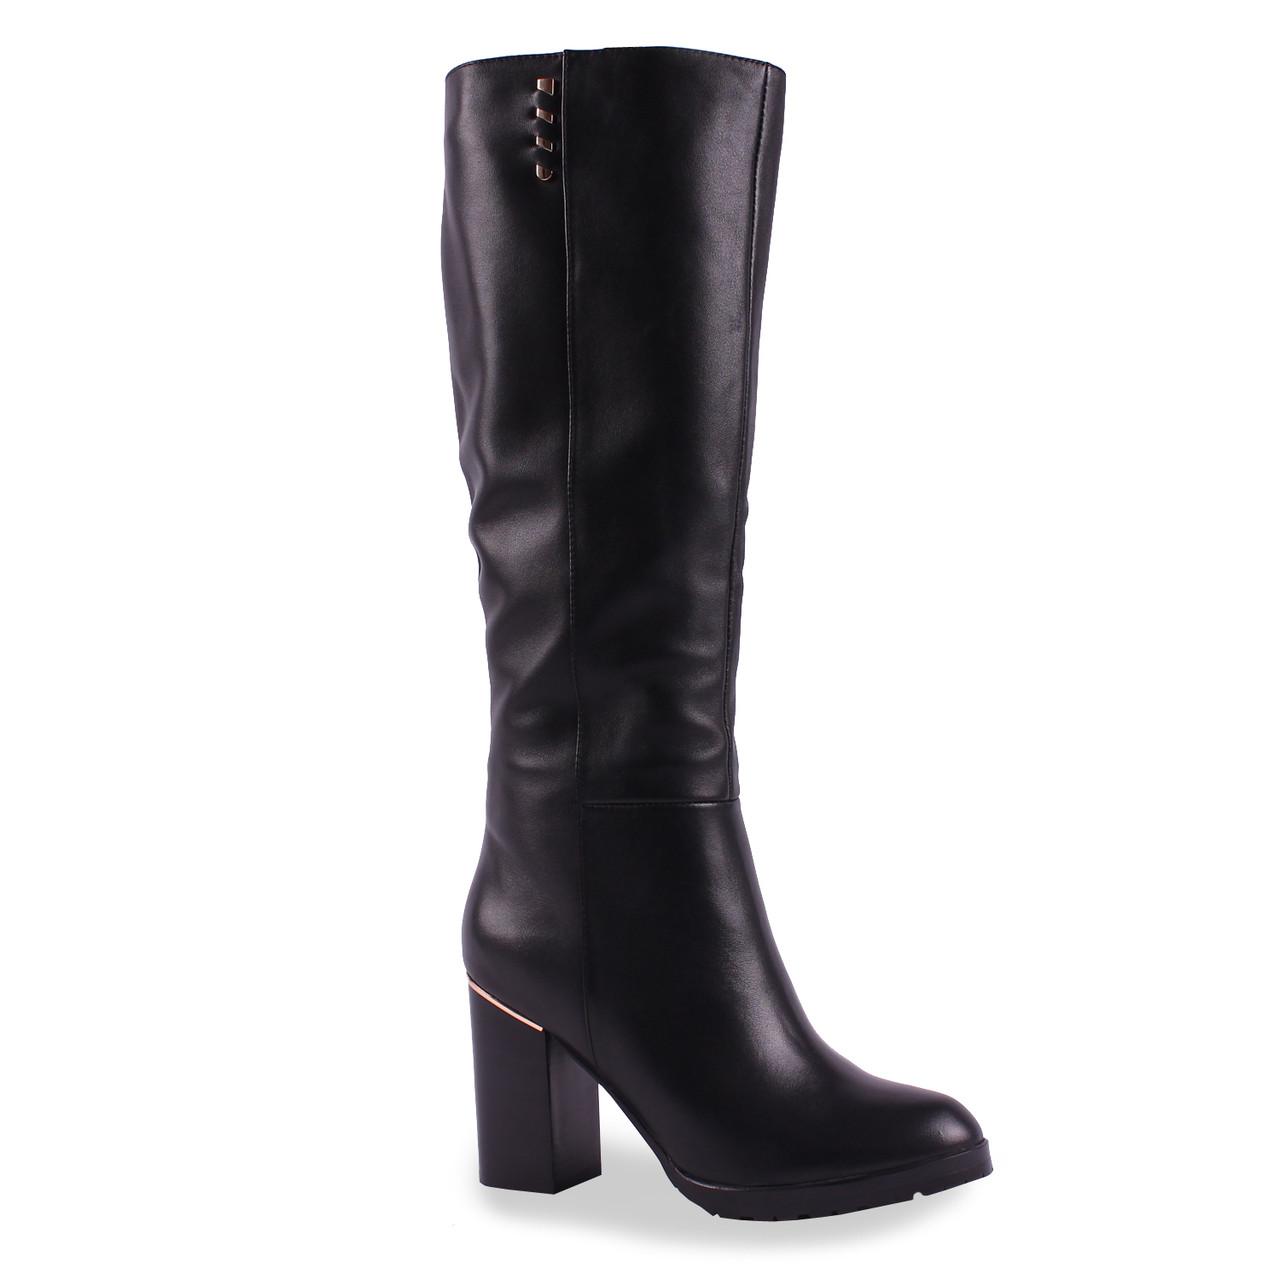 Черные кожаные сапоги (Дина Фабиани, зимние, на каблуке, на замке, черные, теплые, удобные)